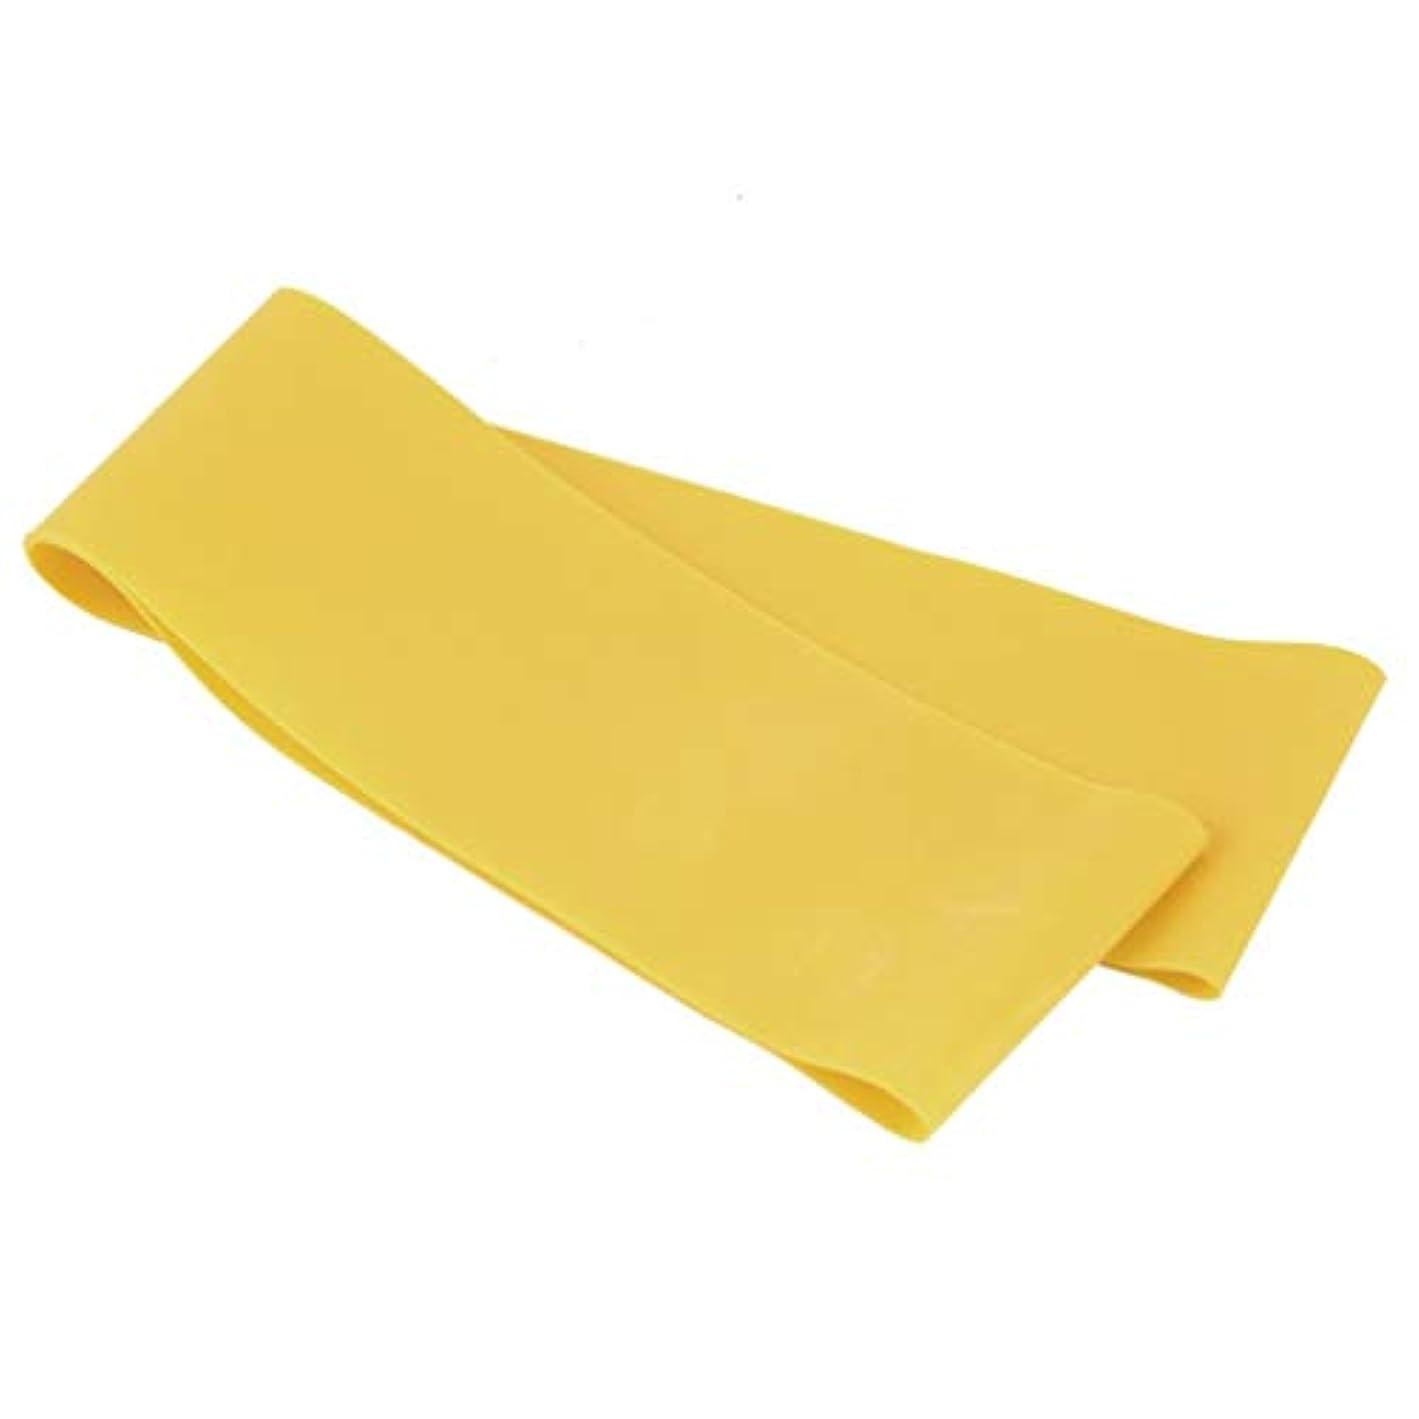 対処扱いやすいいろいろ滑り止めの伸縮性のあるゴム製伸縮性があるヨガのベルトバンド引きロープの張力抵抗バンドループ強さのためのフィットネスヨガツール - 黄色